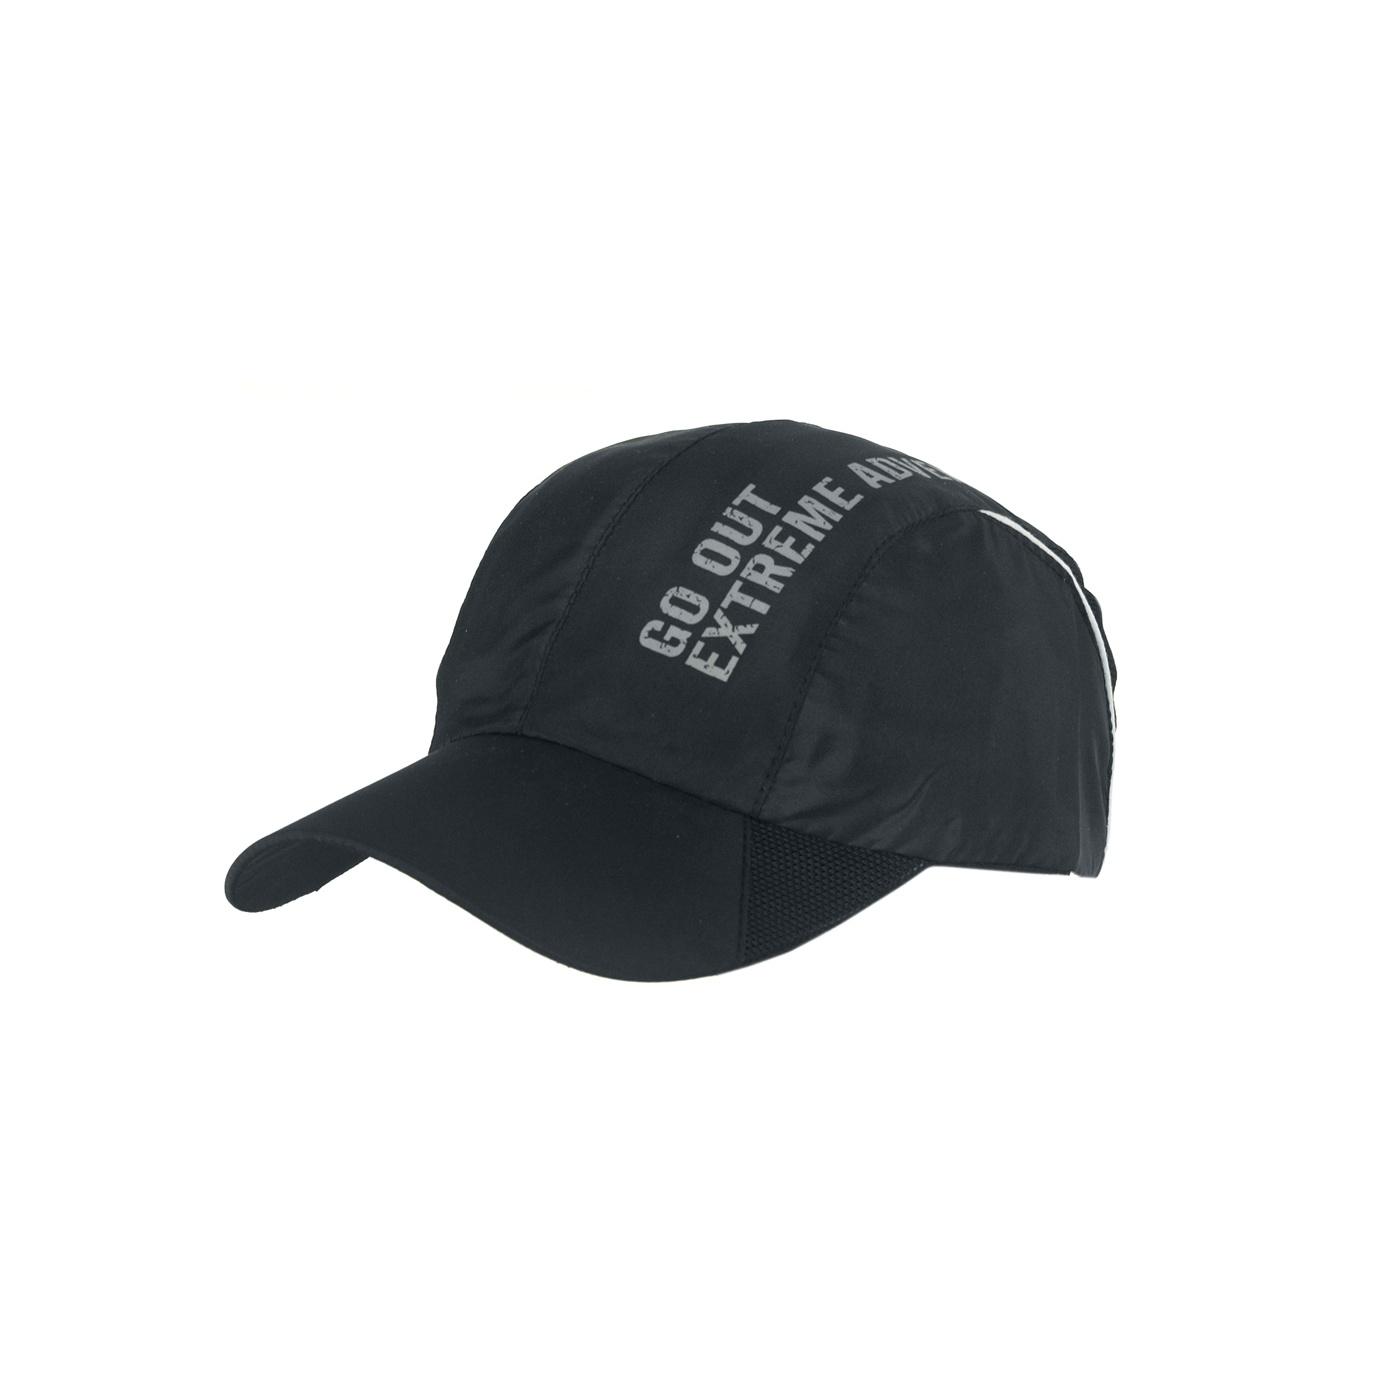 Lekka szybkoschnąca wentylowana czapka z daszkiem – czarna